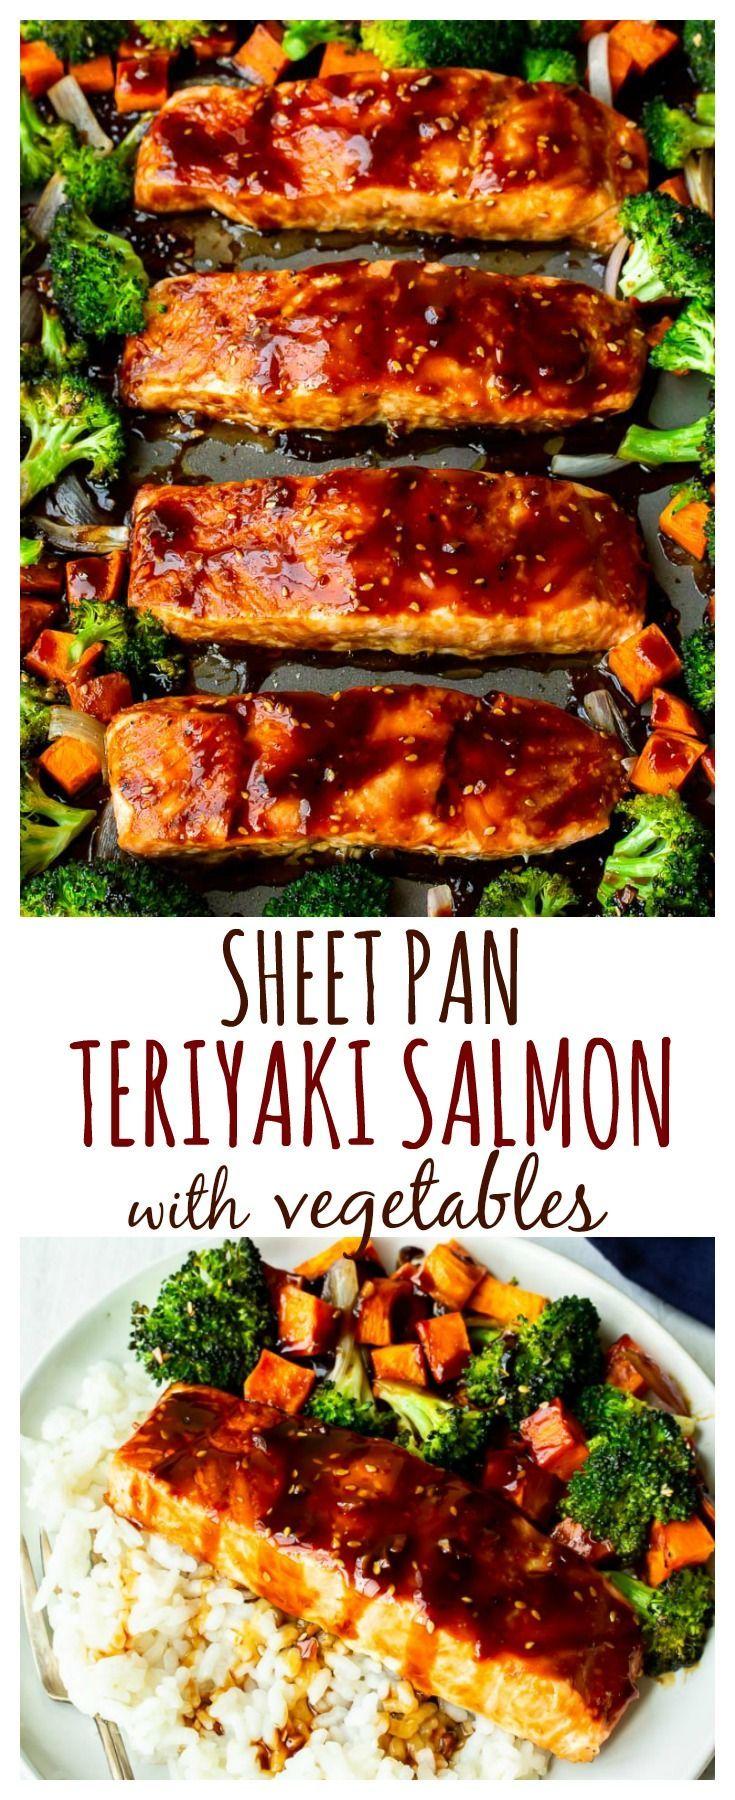 Leicht Blatt Pan Teriyaki Lachs und Gemüse - Leckere kleines Bites